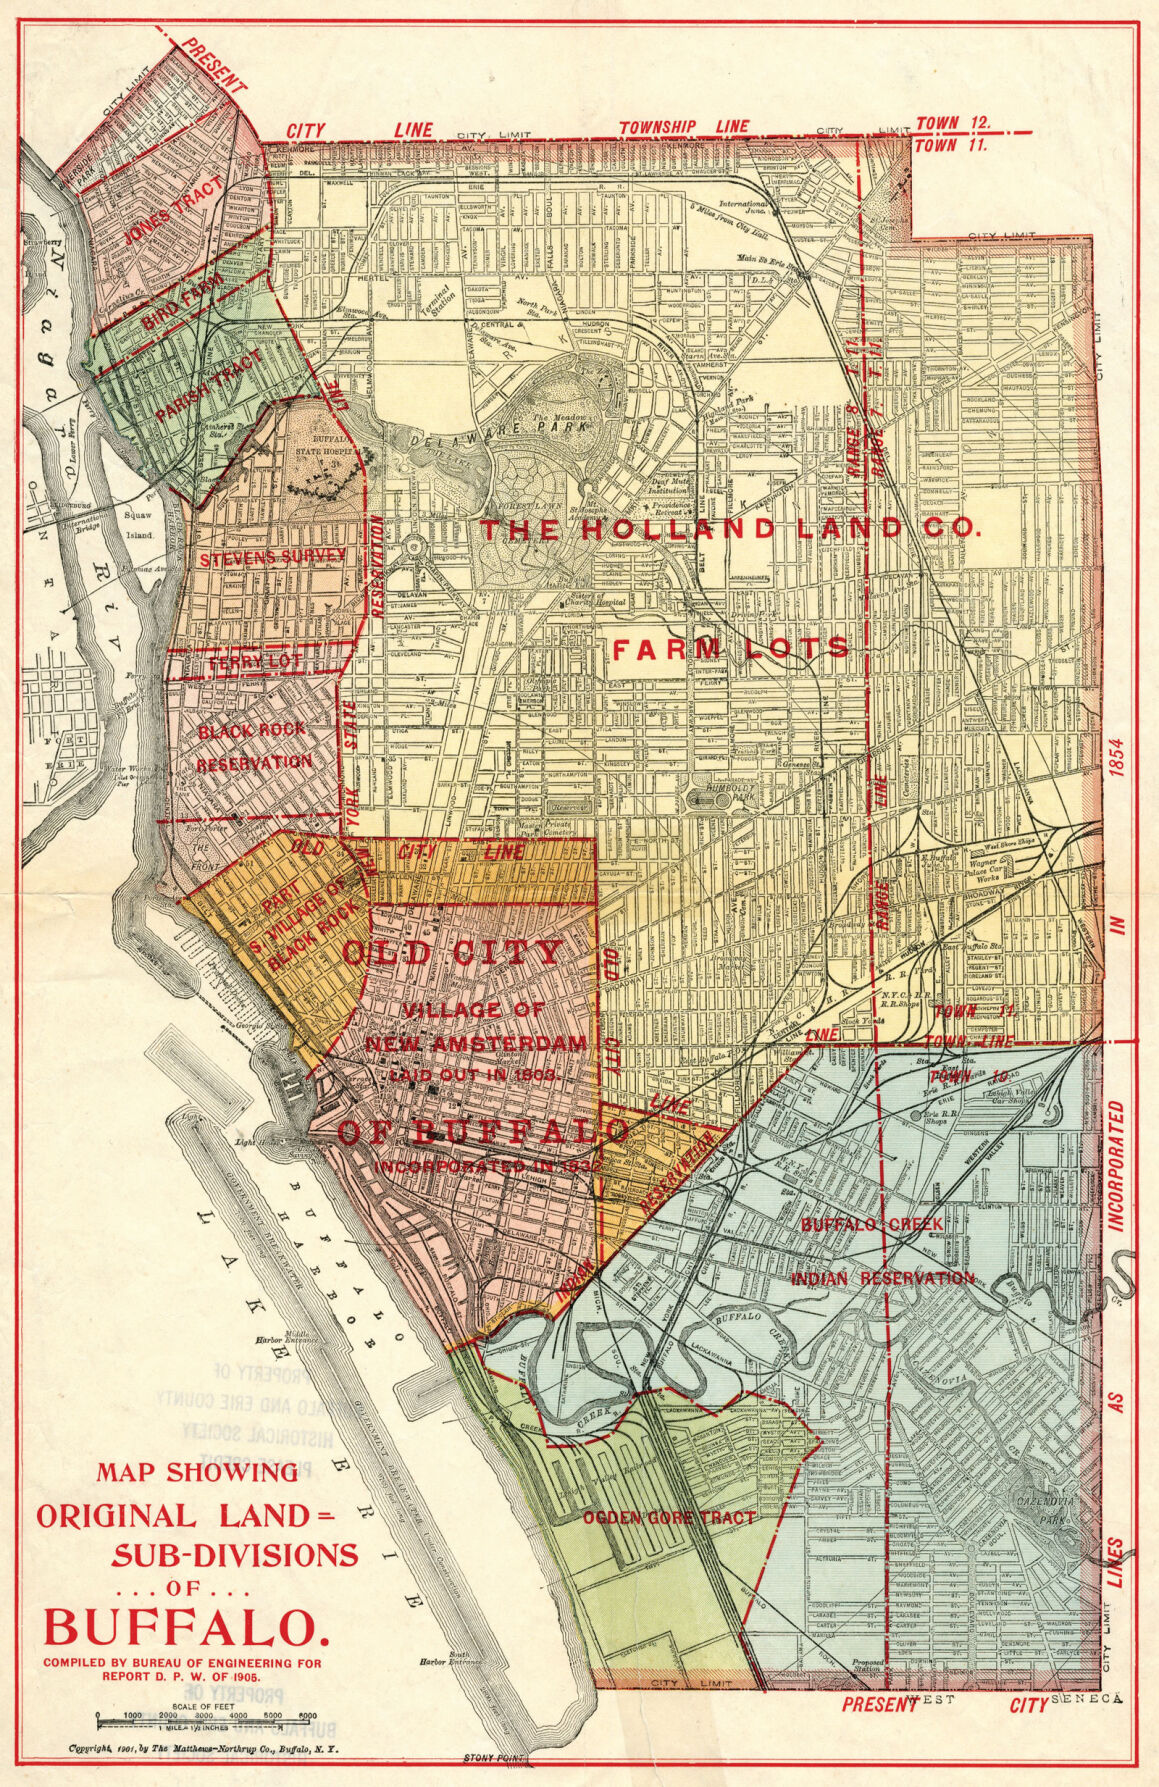 Original Land Subdivisions of Buffalo